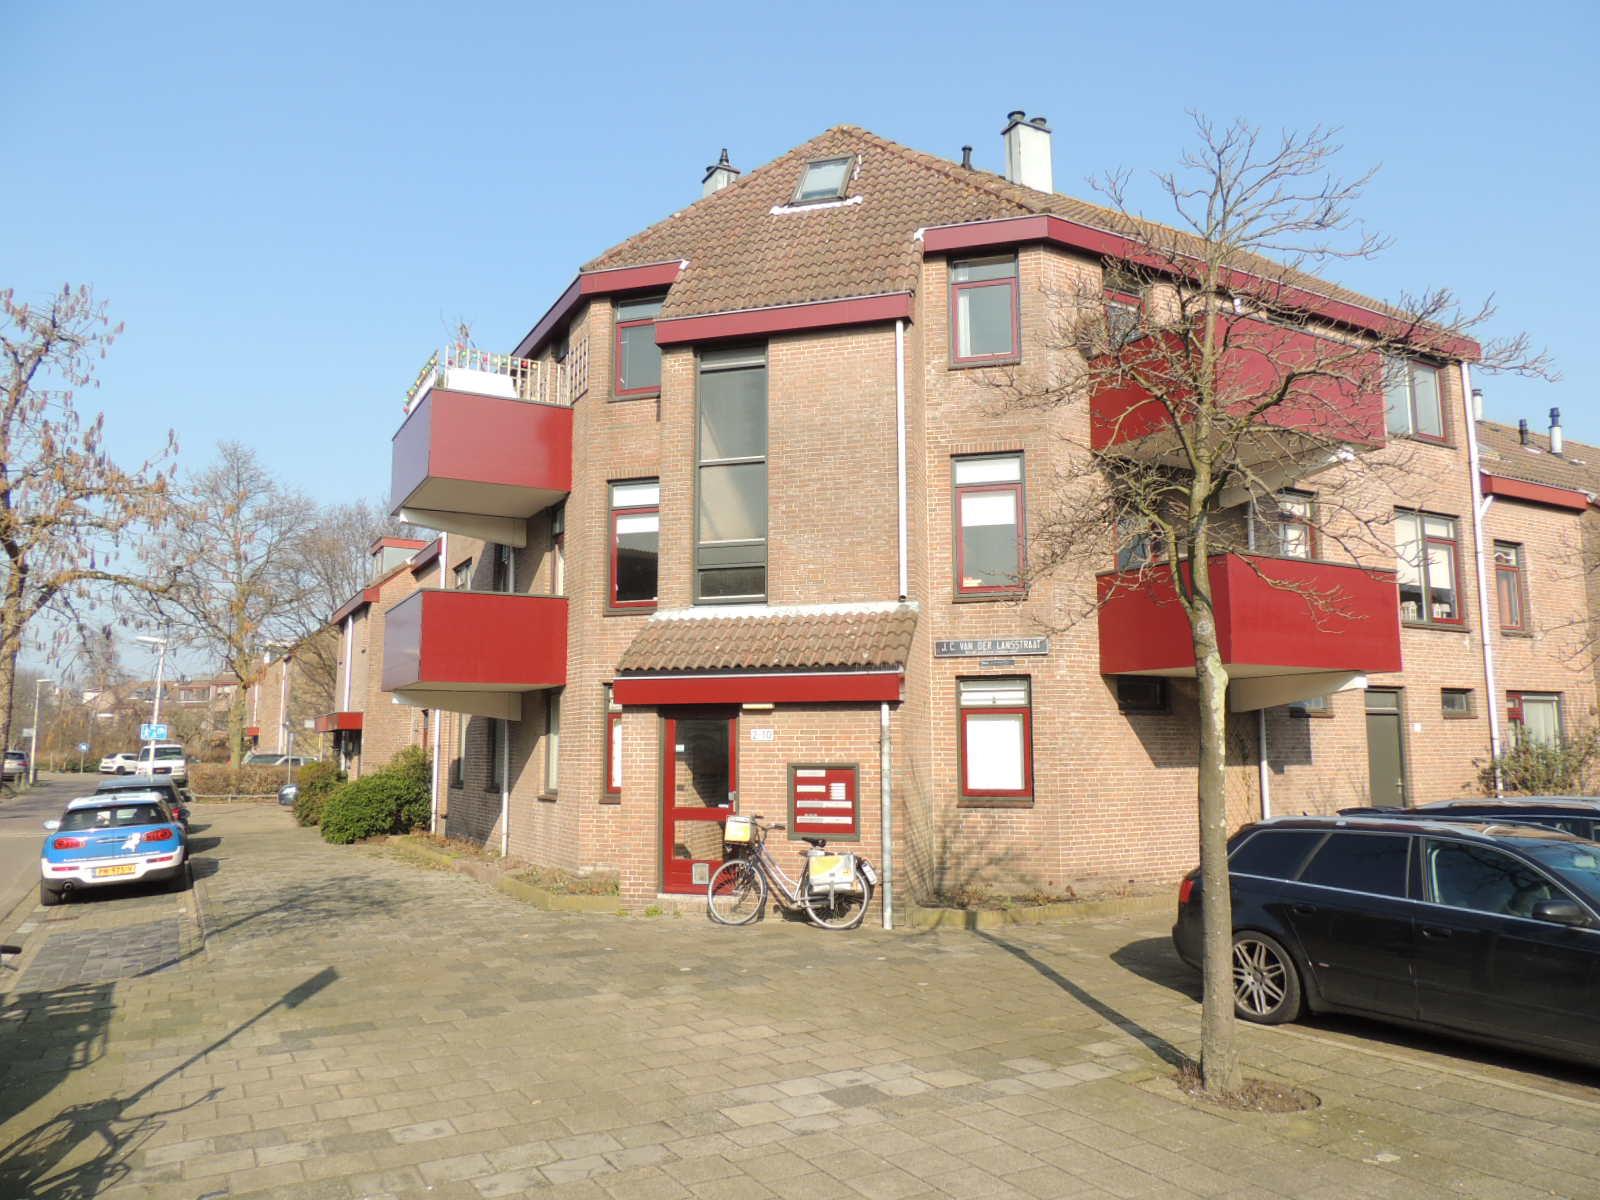 J.C. van der Lansstraat